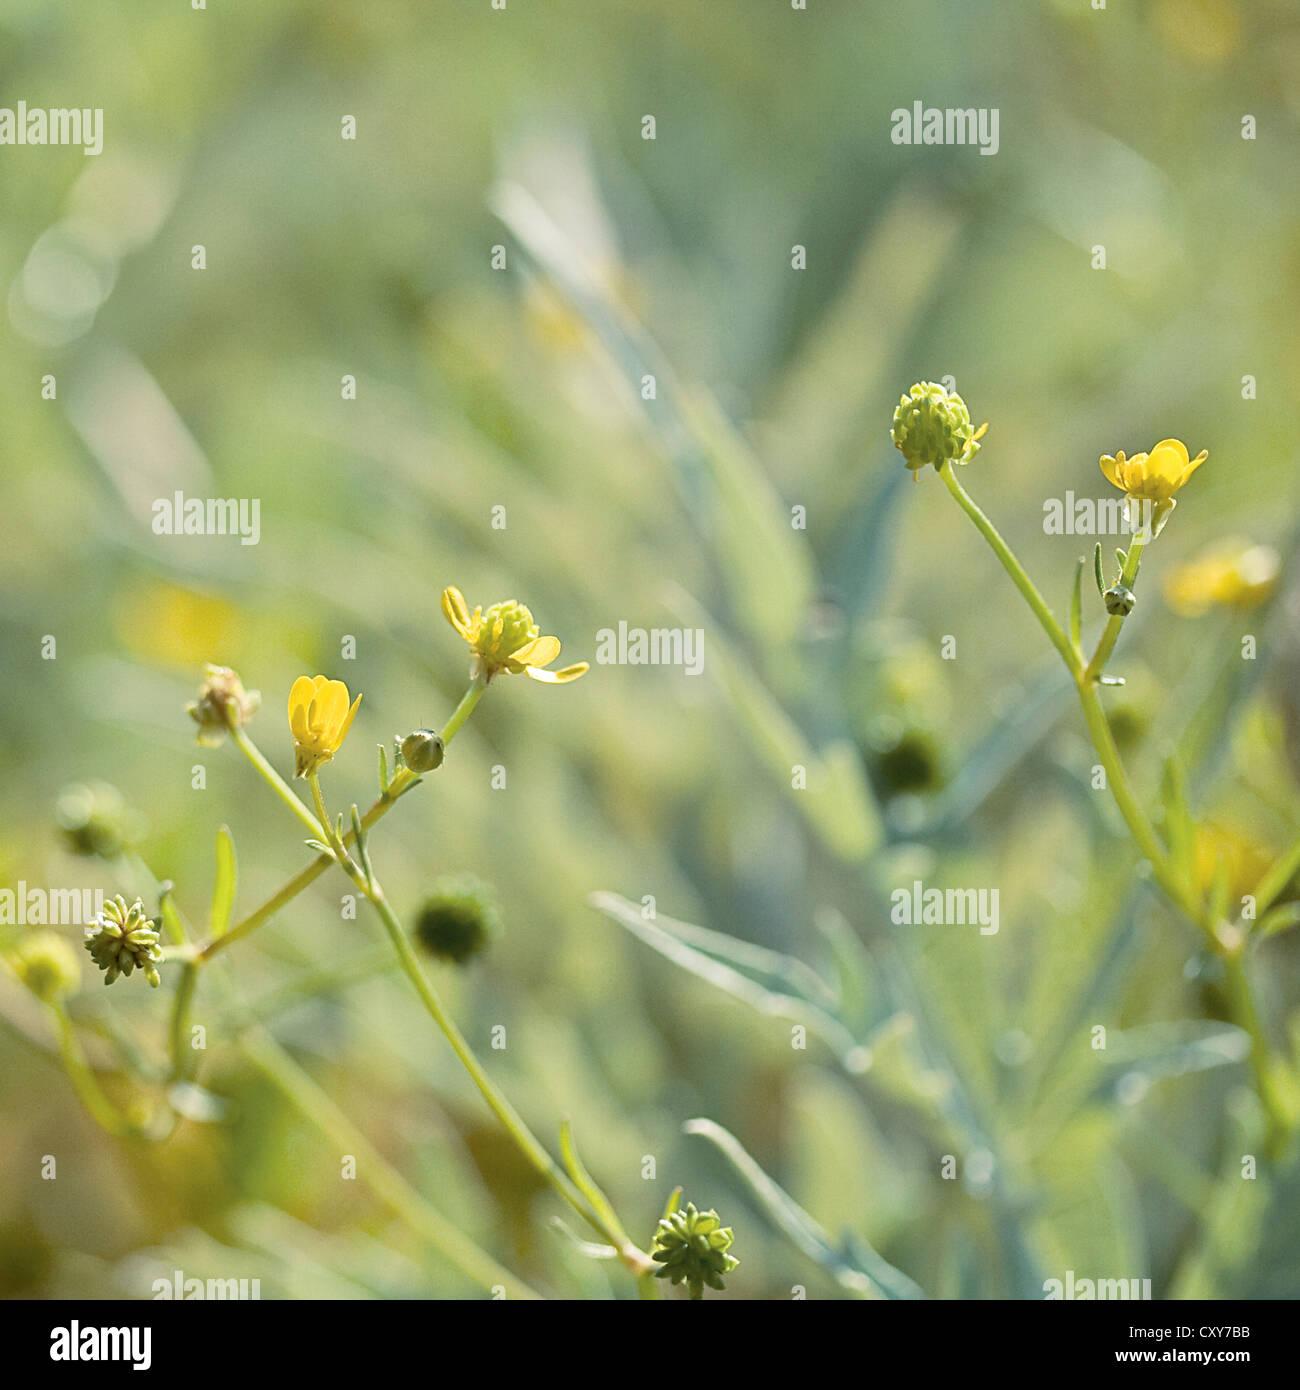 Grüne und gelbe Pflänzchen mit einem Bokeh-Hintergrund. Stockbild